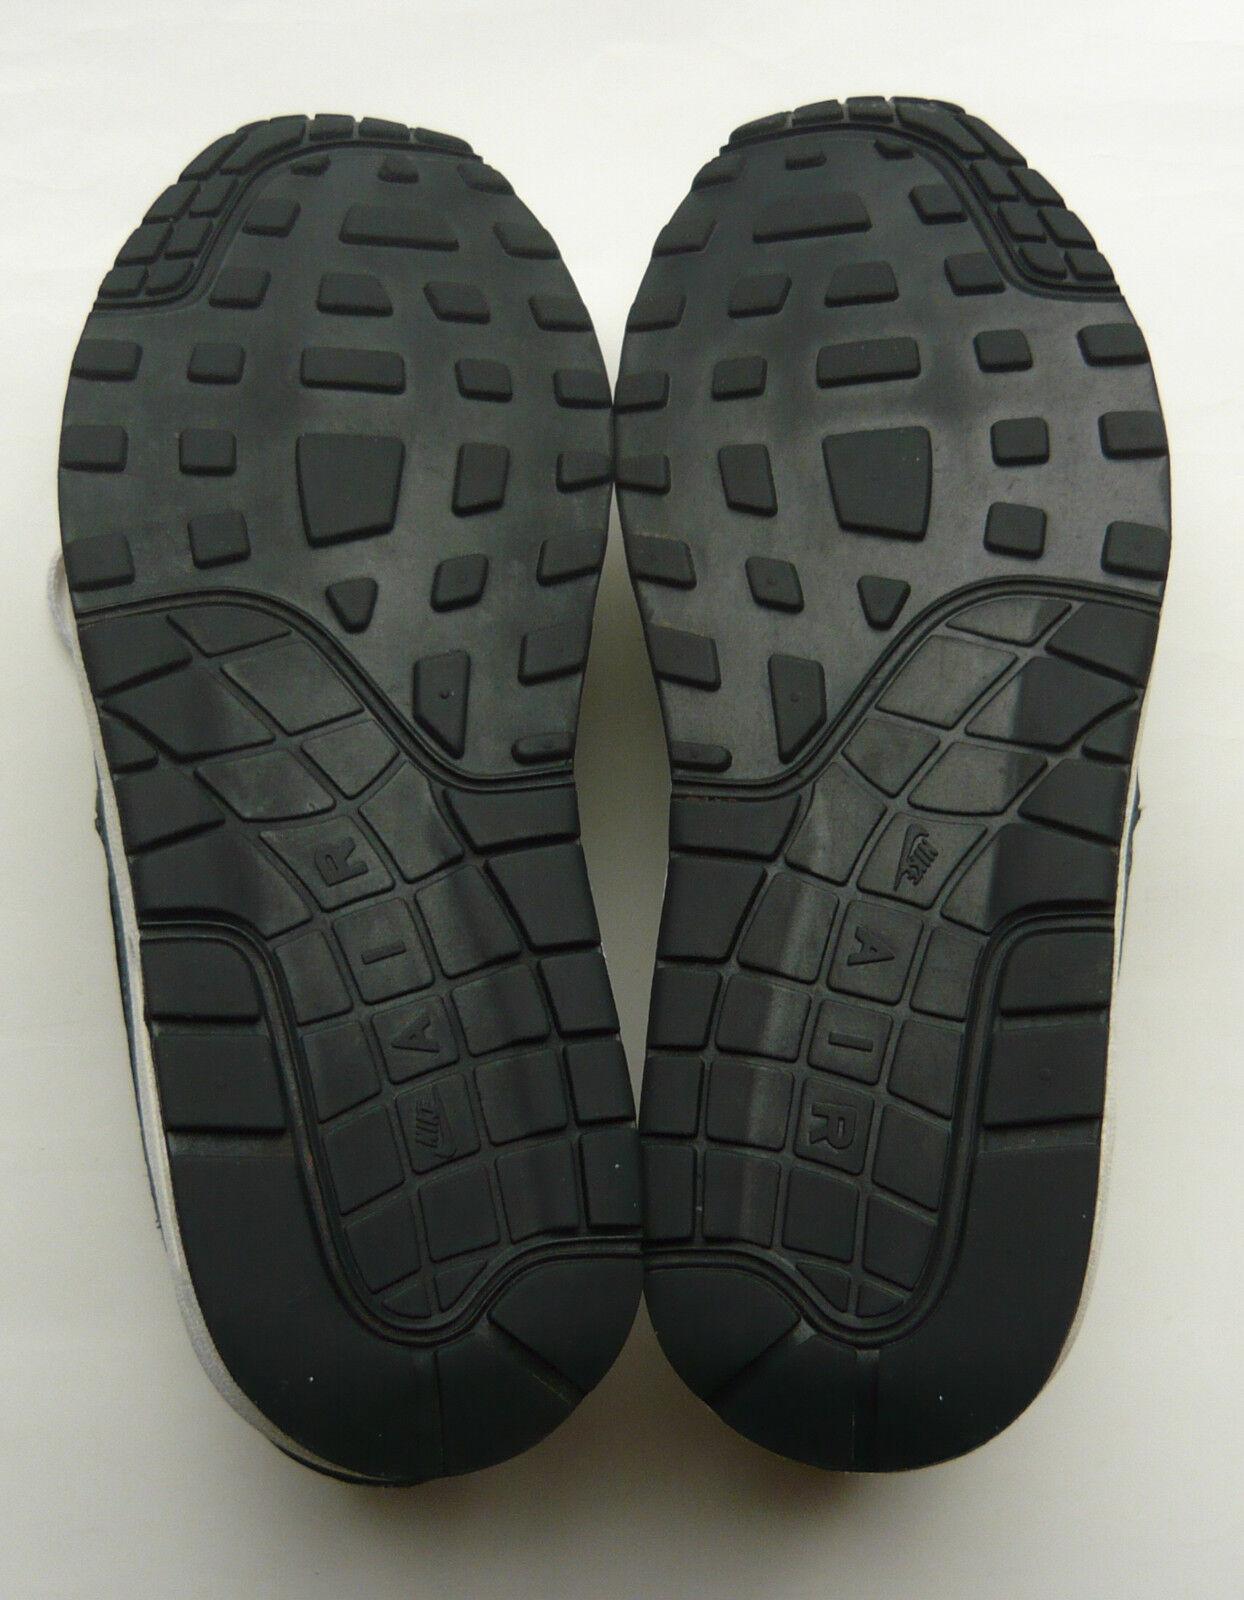 Damen Sneaker Nike Air Max Grau 555766-110 Gr.38,5 Grau Max 37ad60